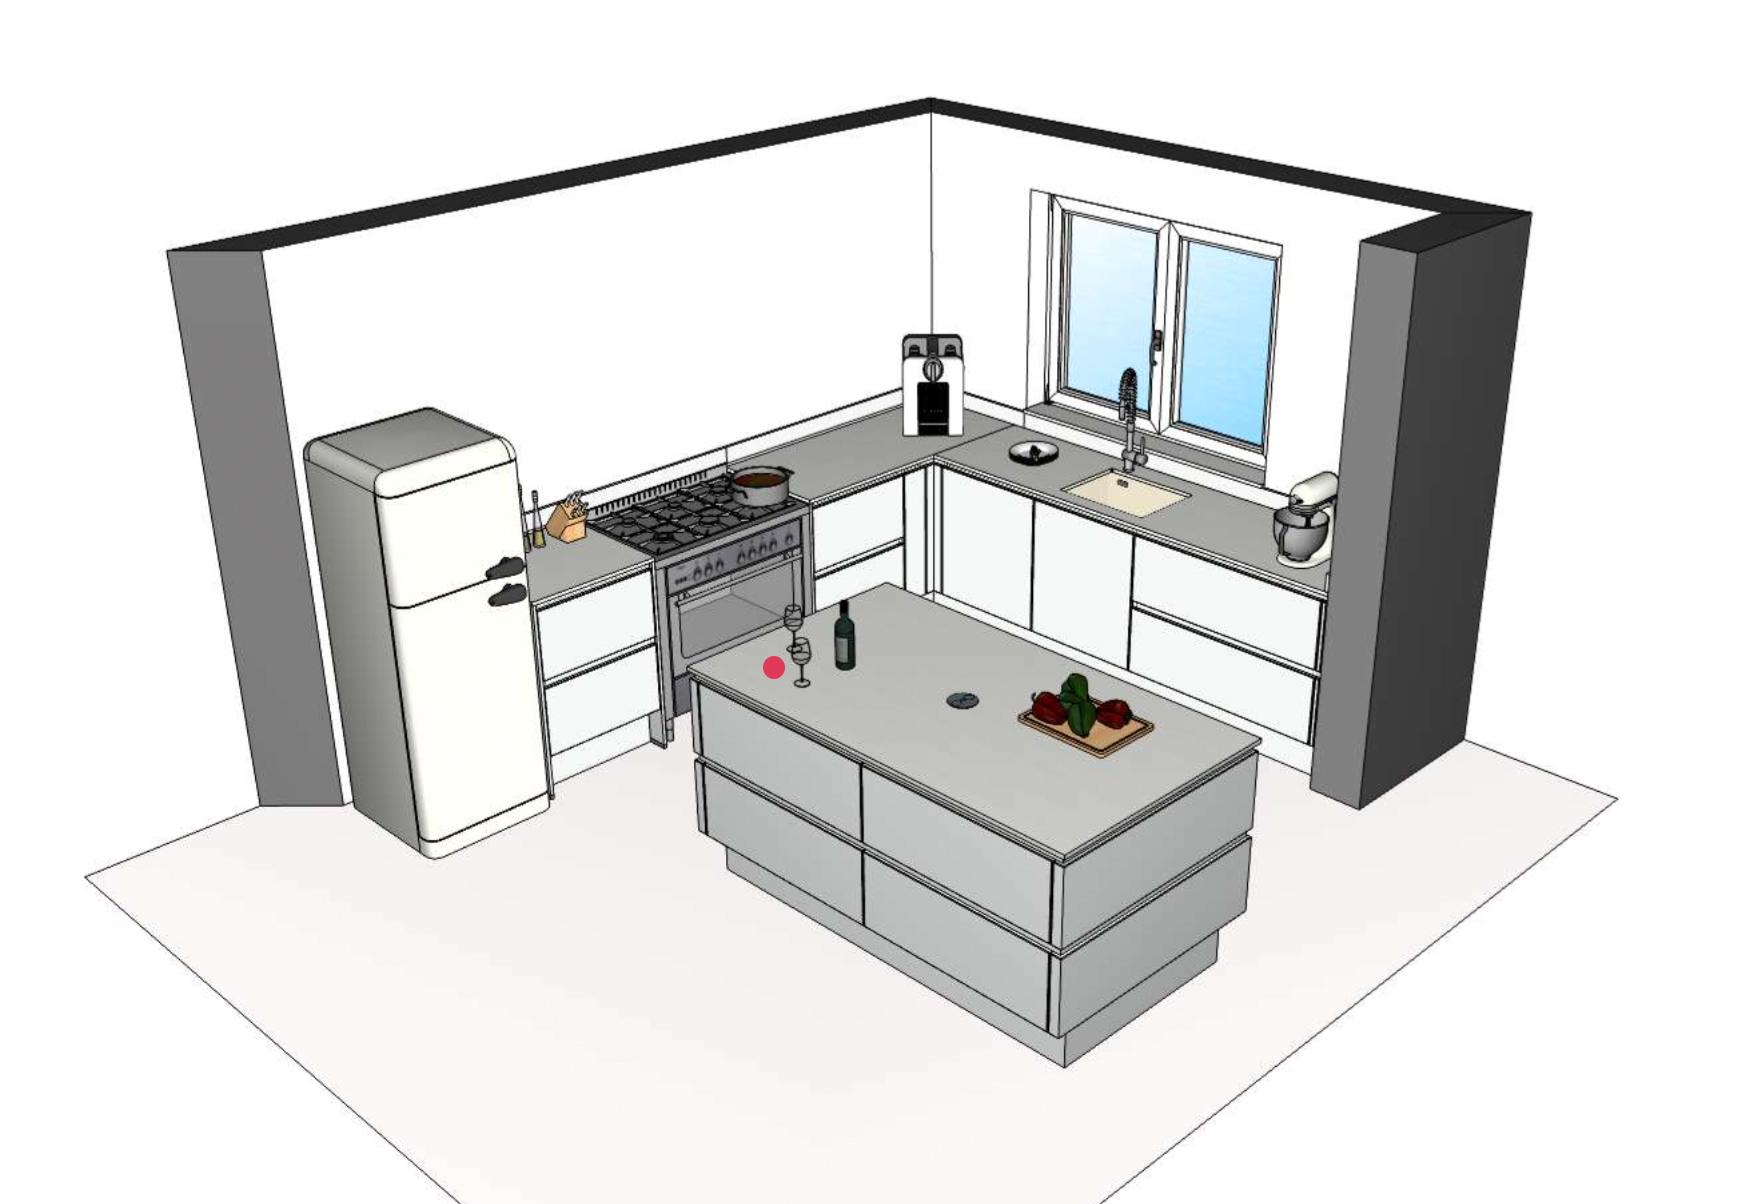 Küche online planen - Planungswelten